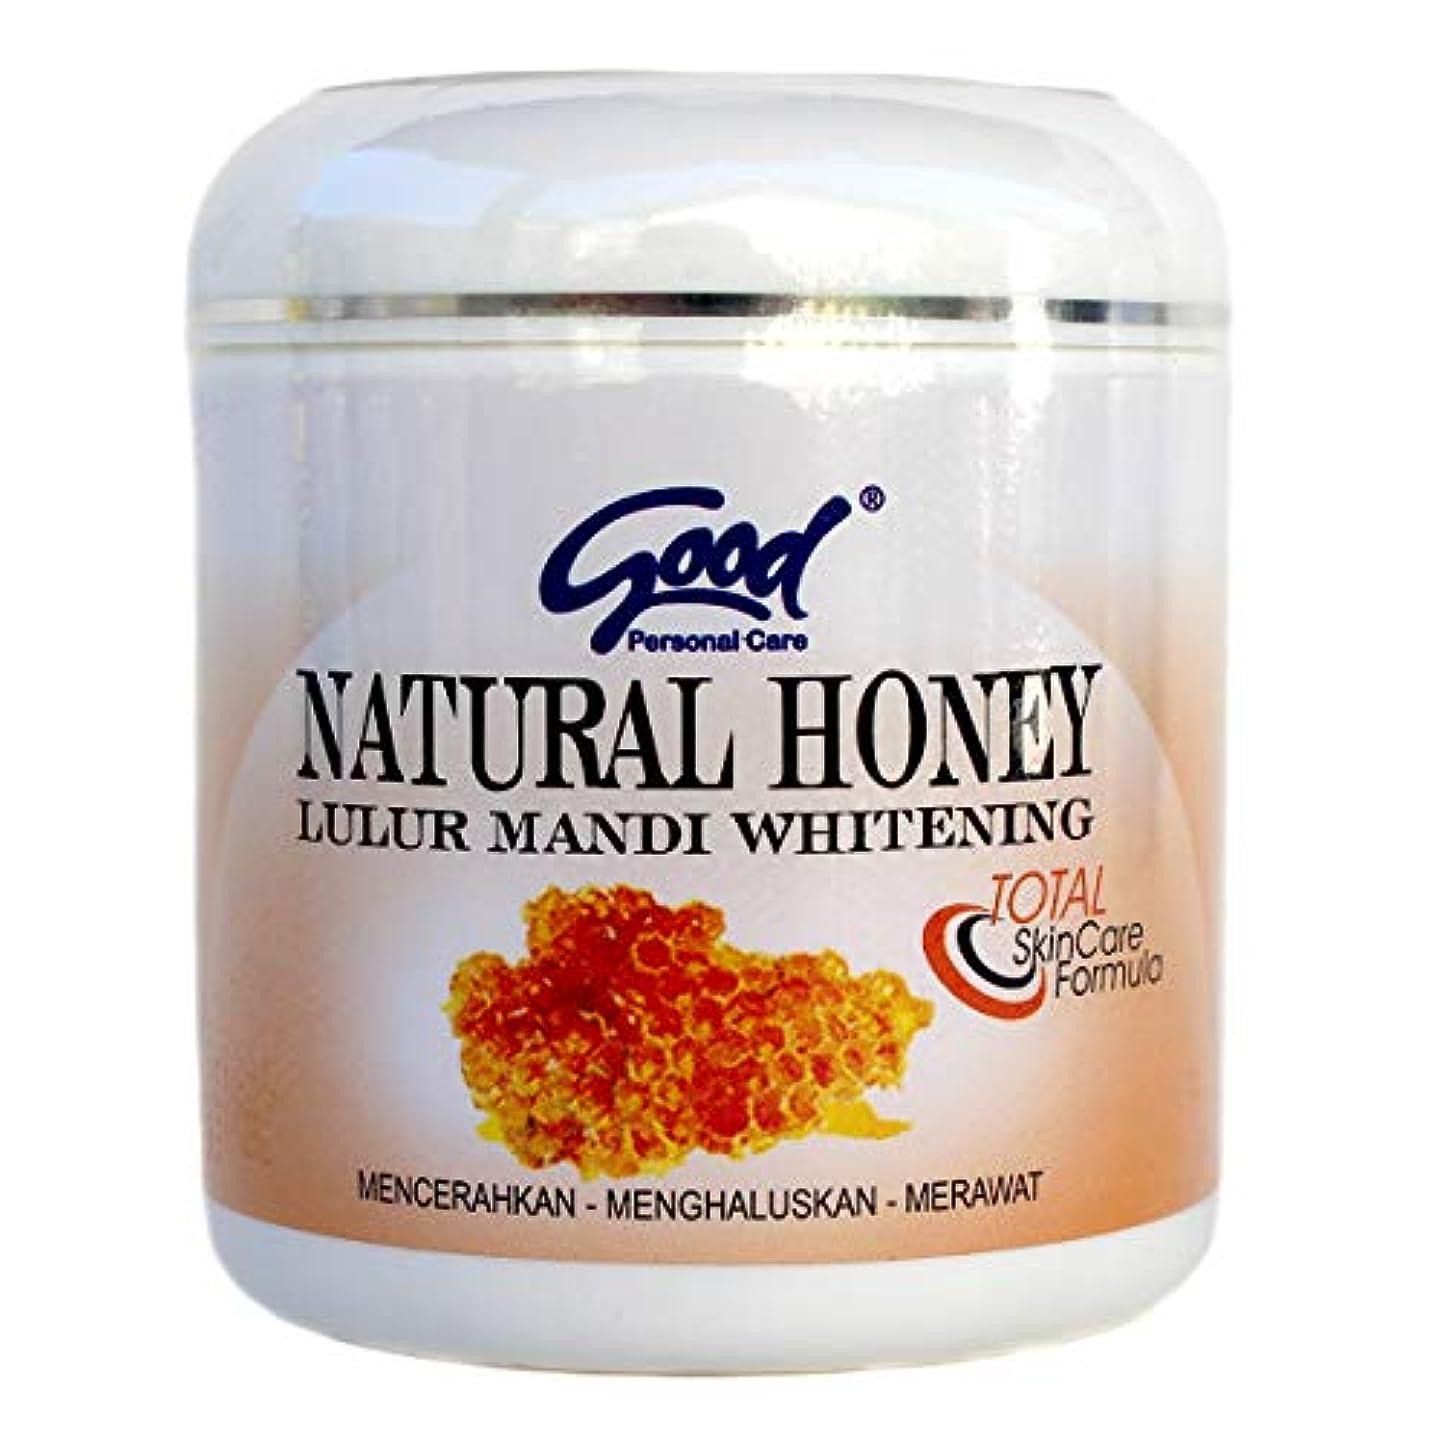 貢献召集するかみそりgood グッド インドネシアバリ島の伝統的なボディスクラブ Lulur Mandi マンディルルール 200g Natural Honey ナチュラルハニー [海外直送品]